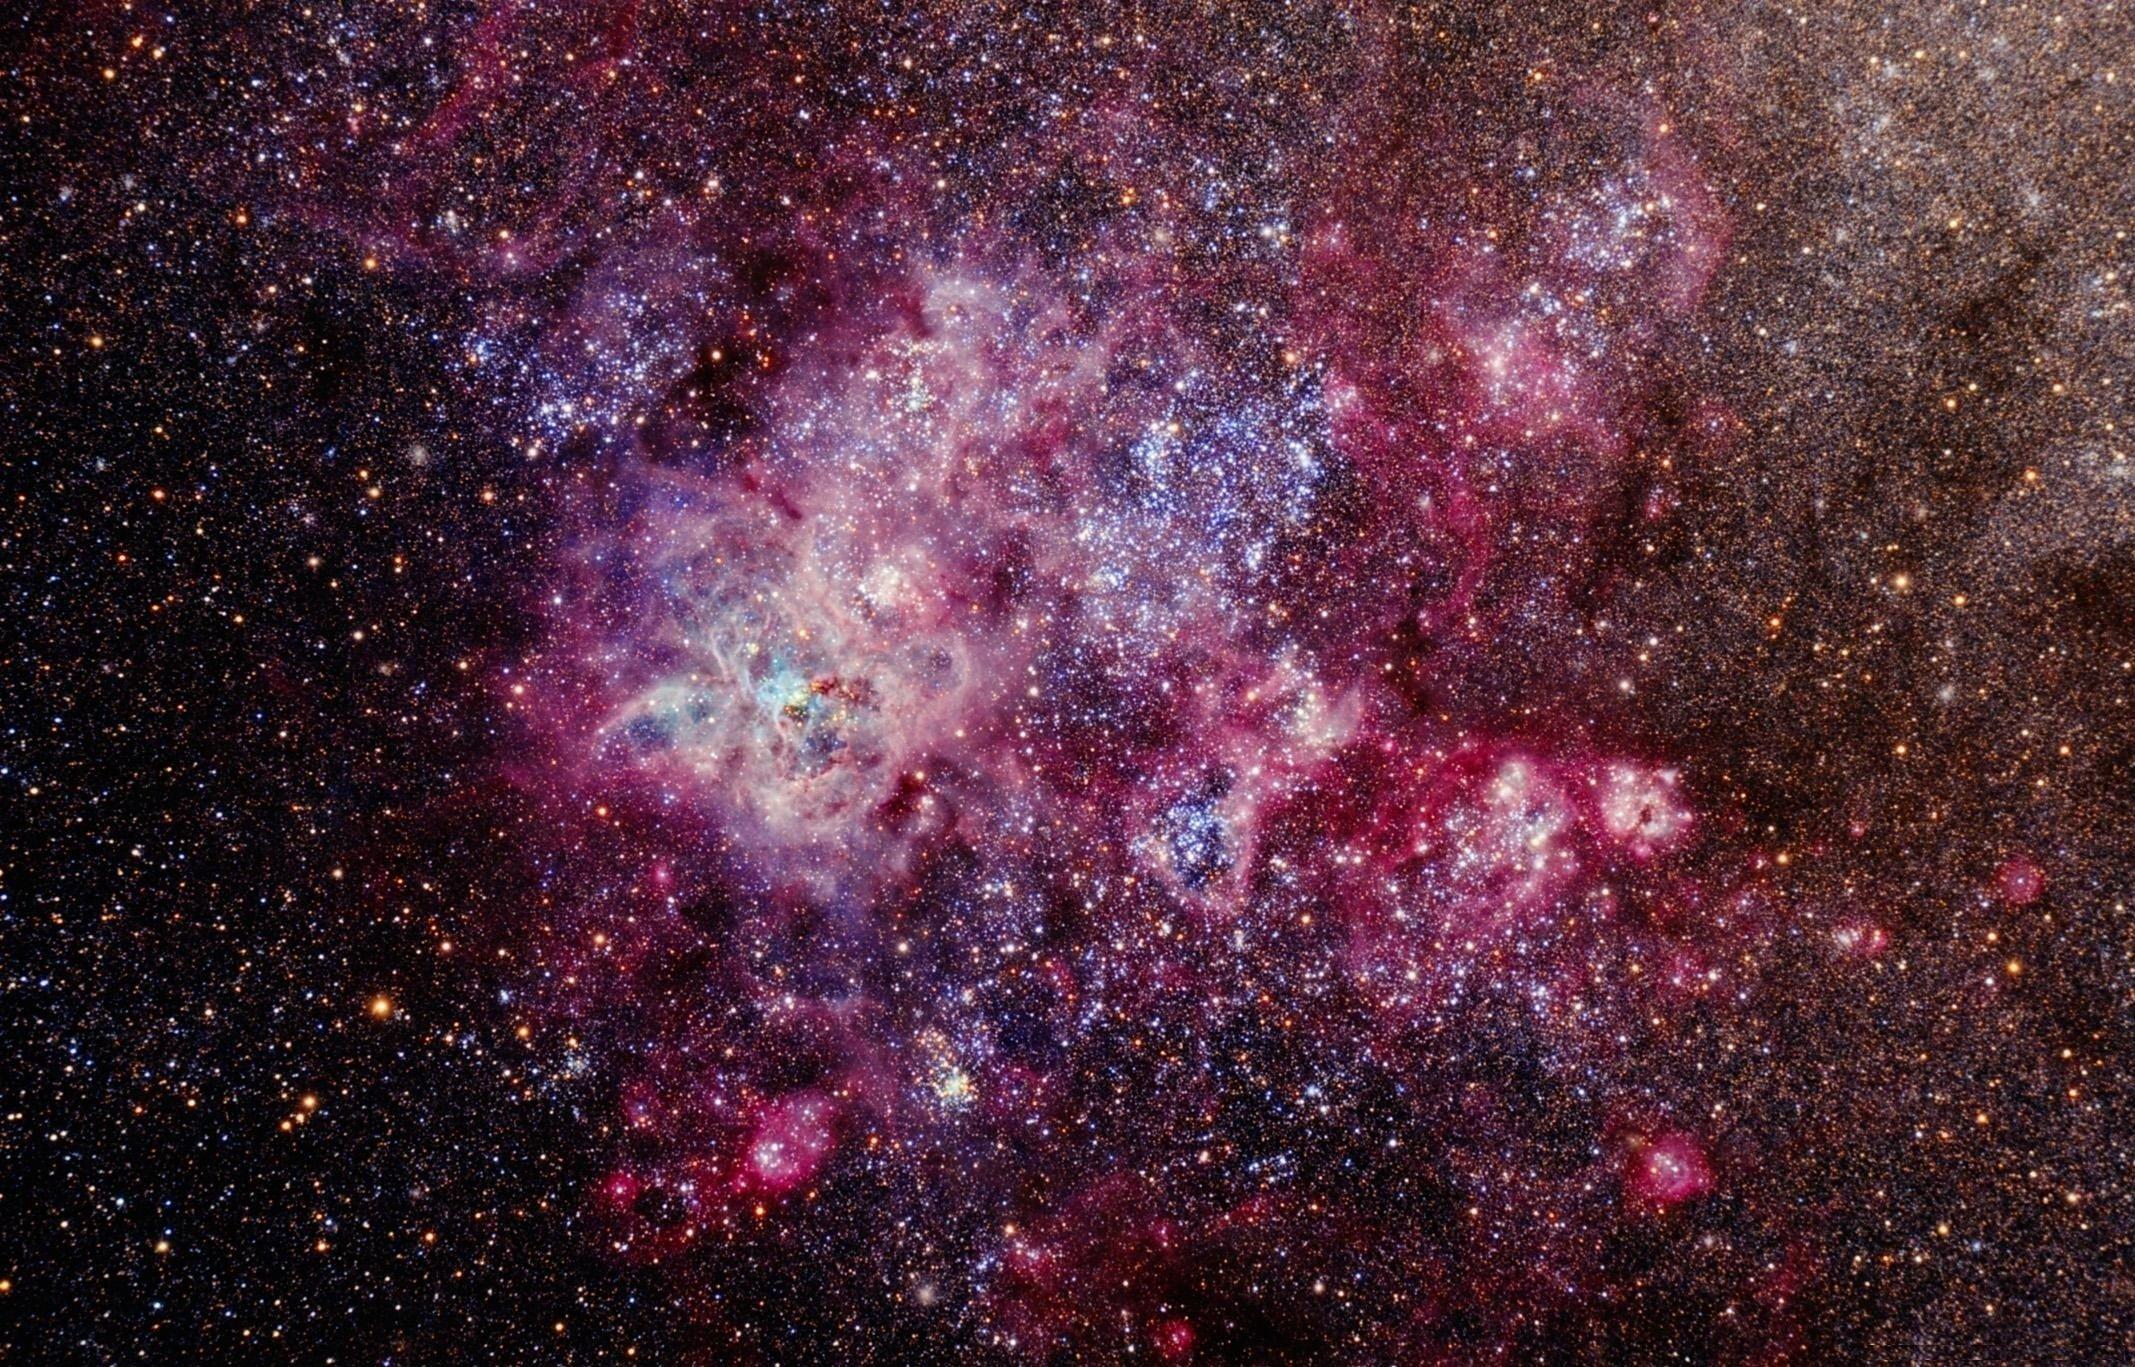 образом, картинки космоса в лучшем качестве линии